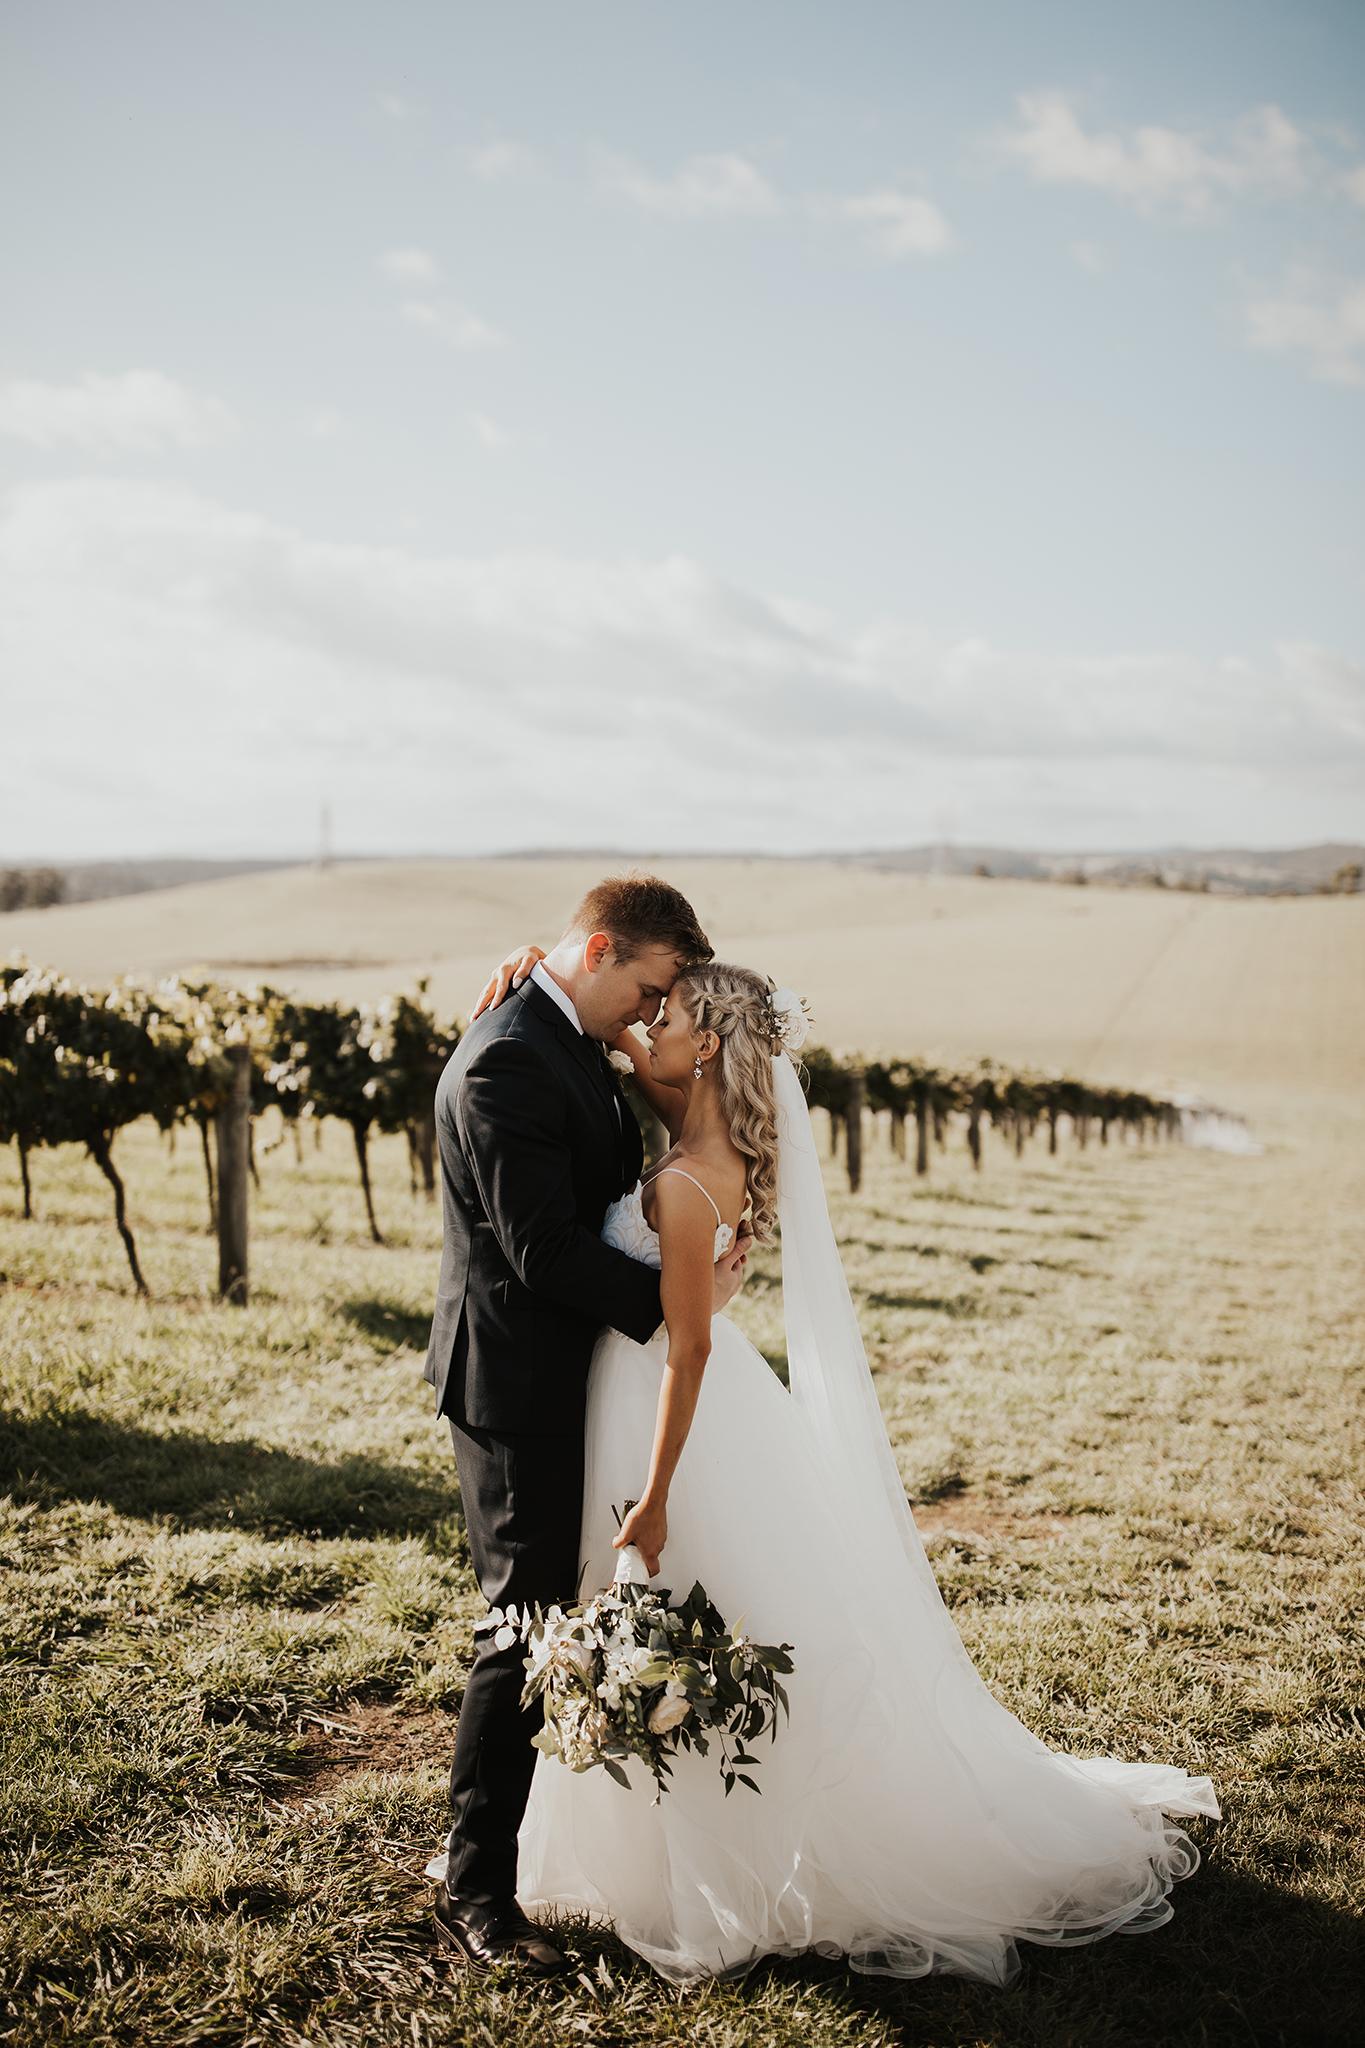 Wedding venue Yarra Valley